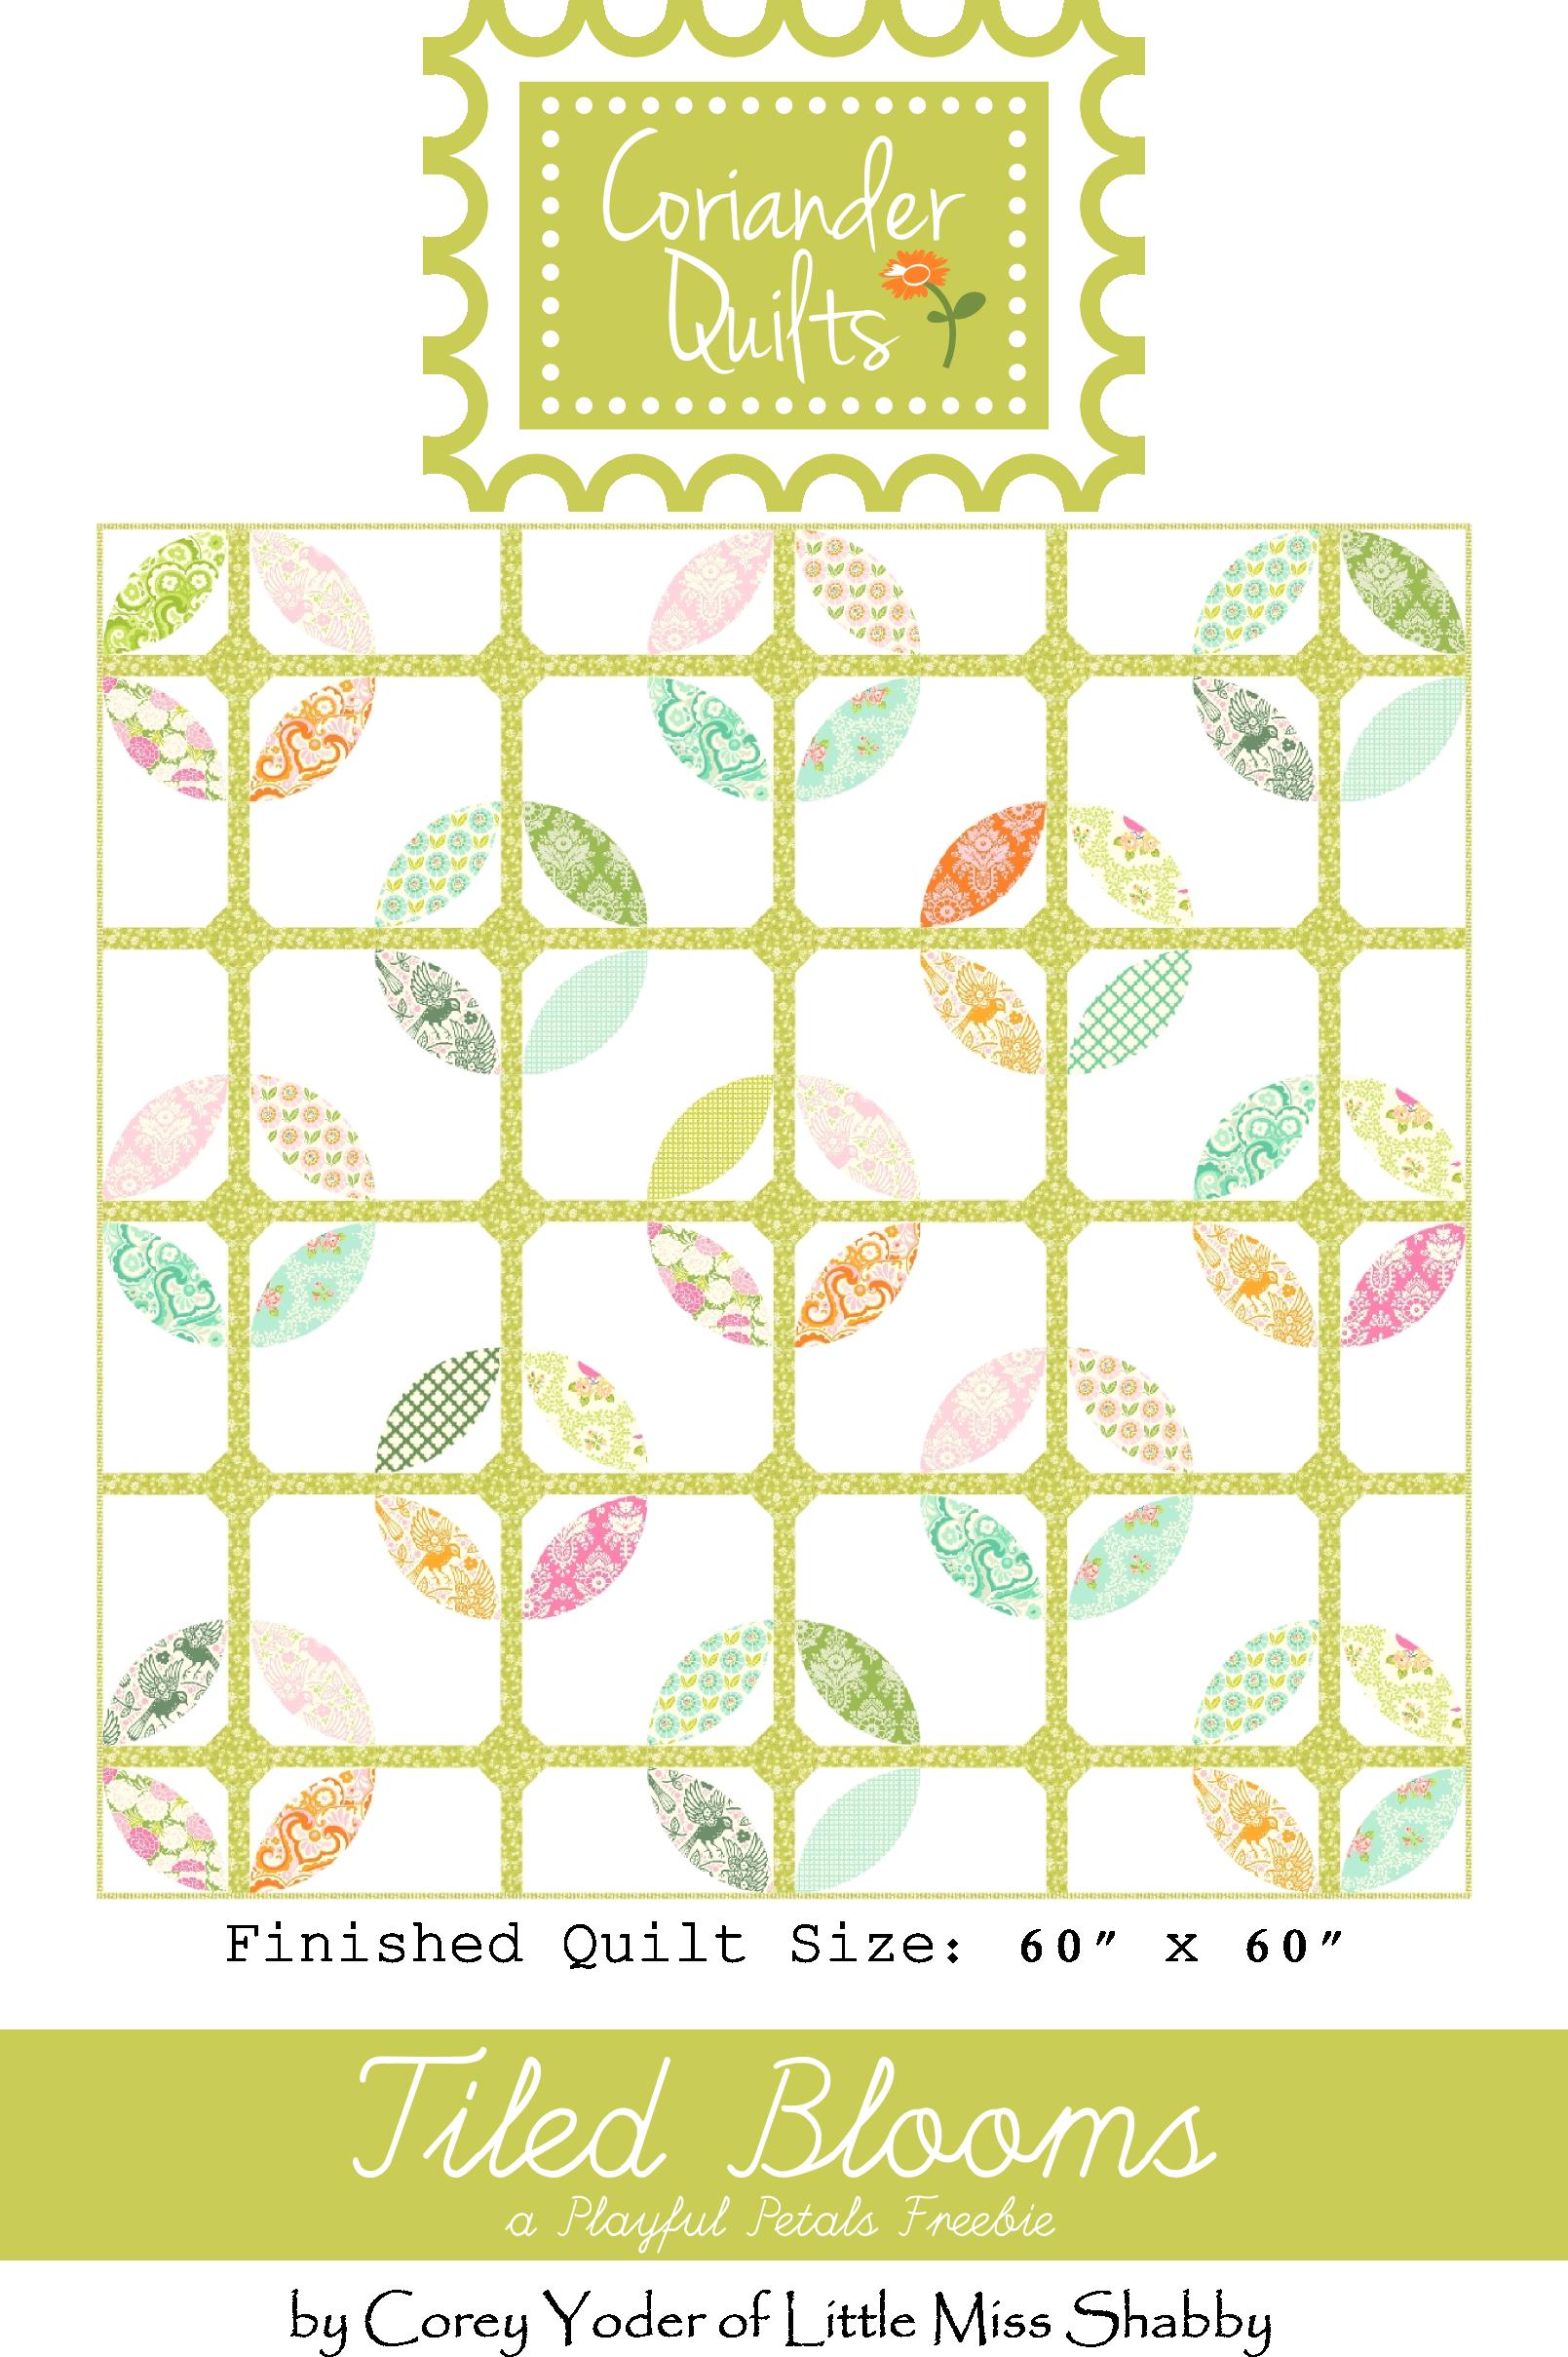 Tiled Blooms Free Pattern